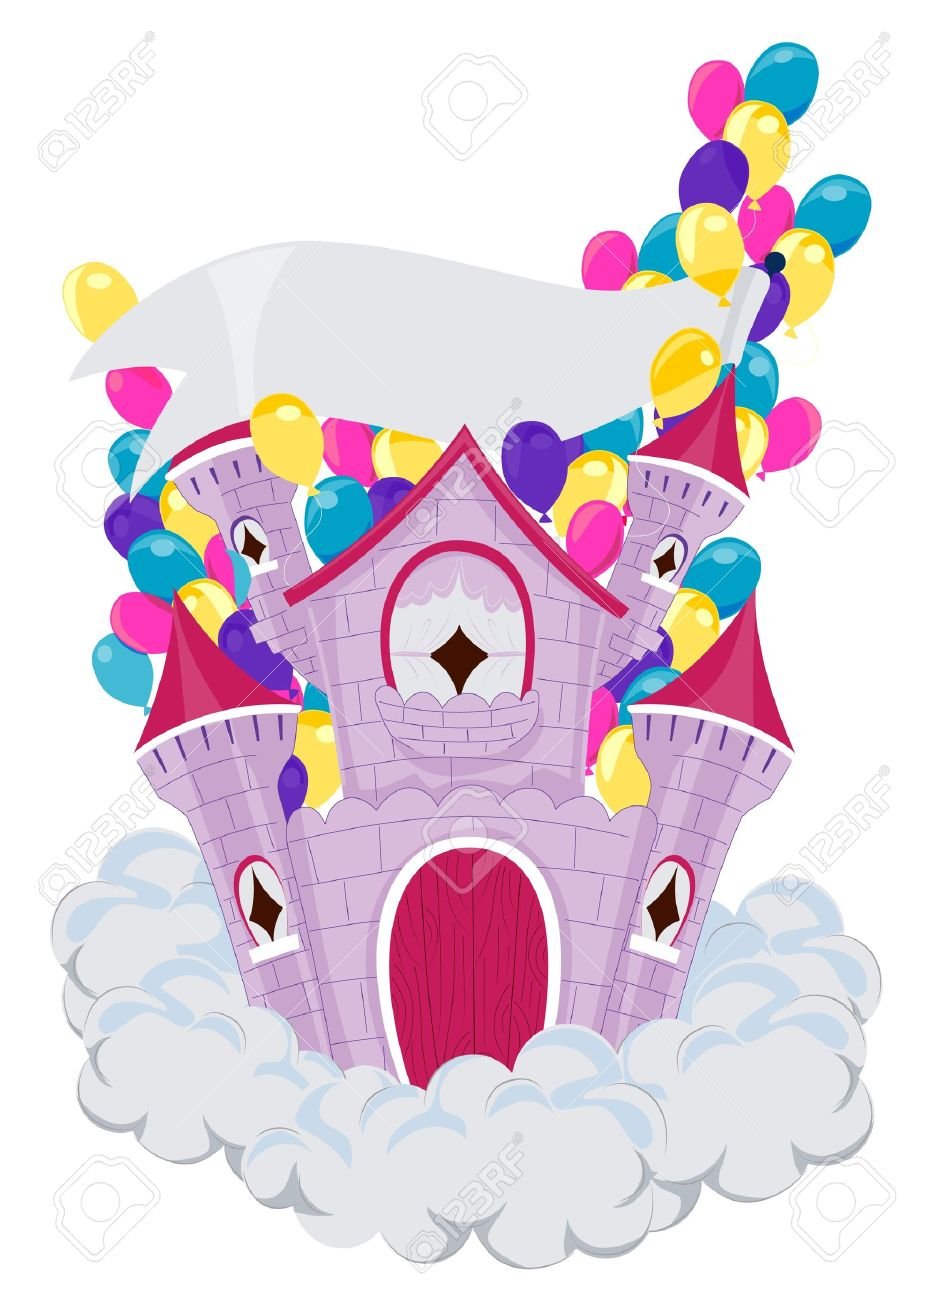 927x1300 Balloon Clipart Princess